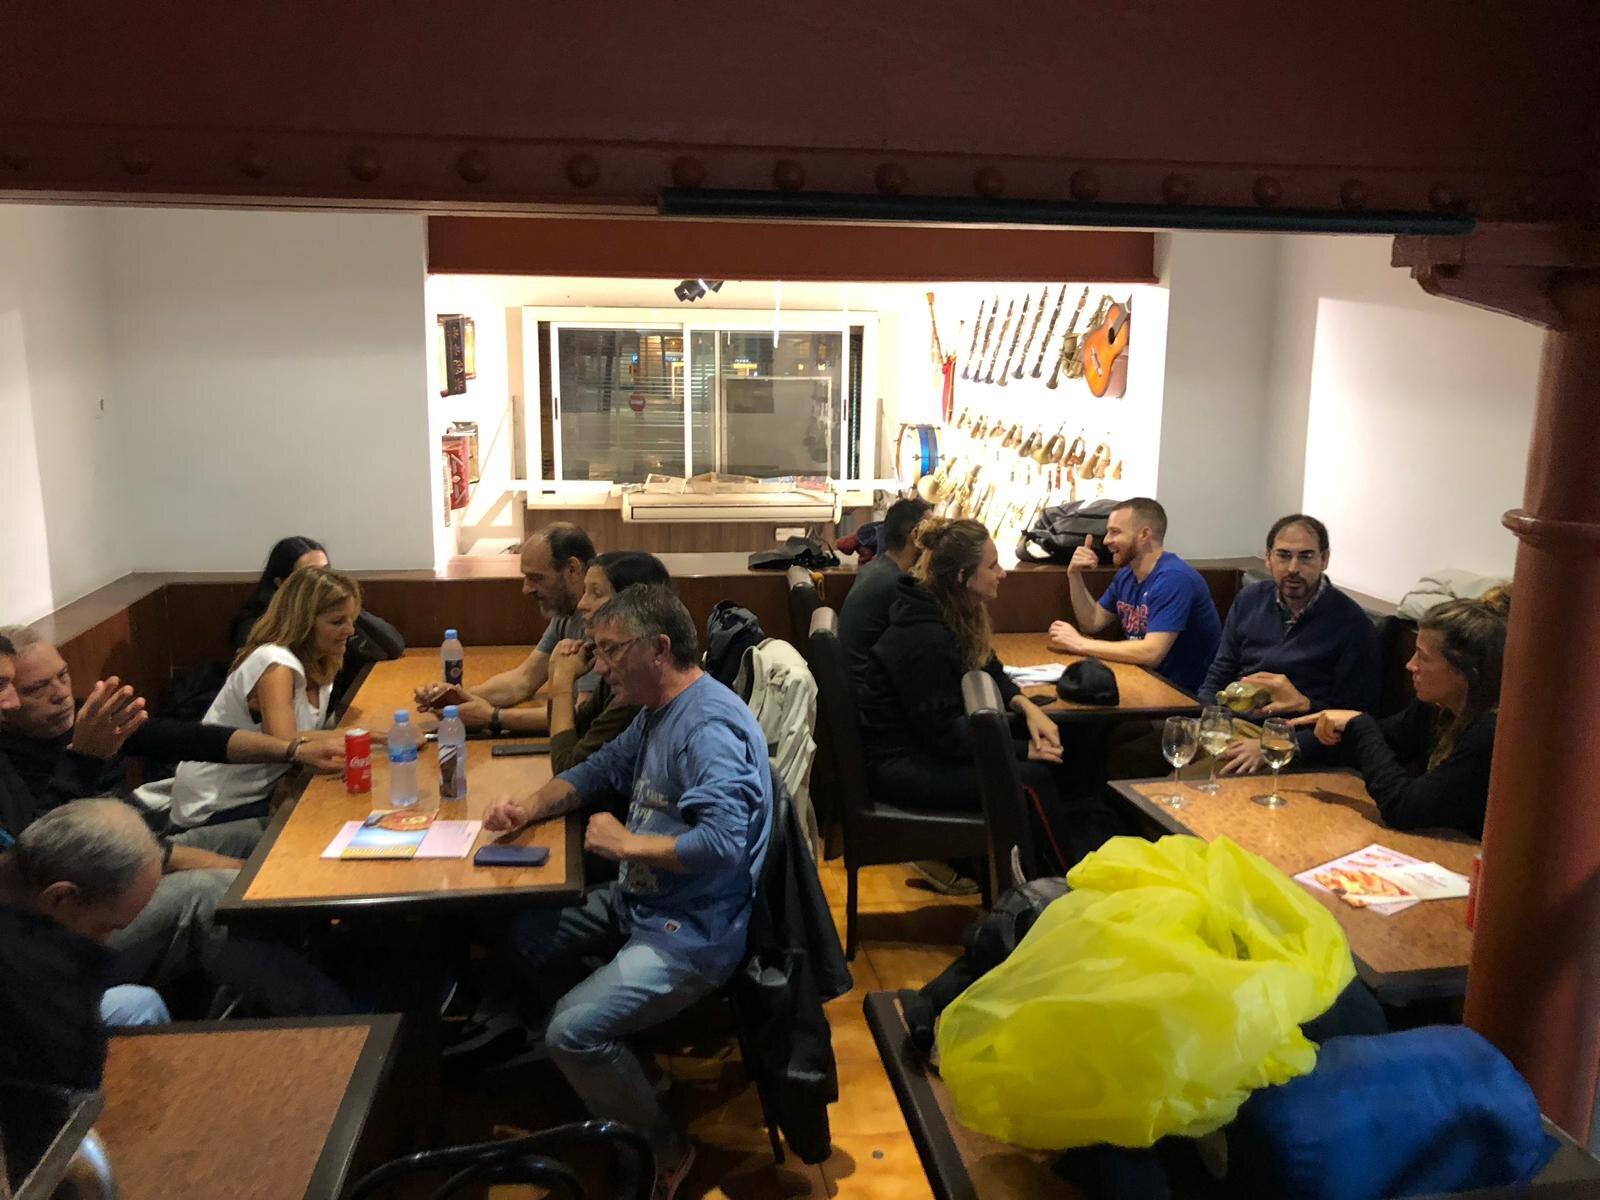 Cenando para mejorar las relaciones entre las personas sin hogar en nuestro programa y participantes del evento y para conseguir un descanso de la lluvia.